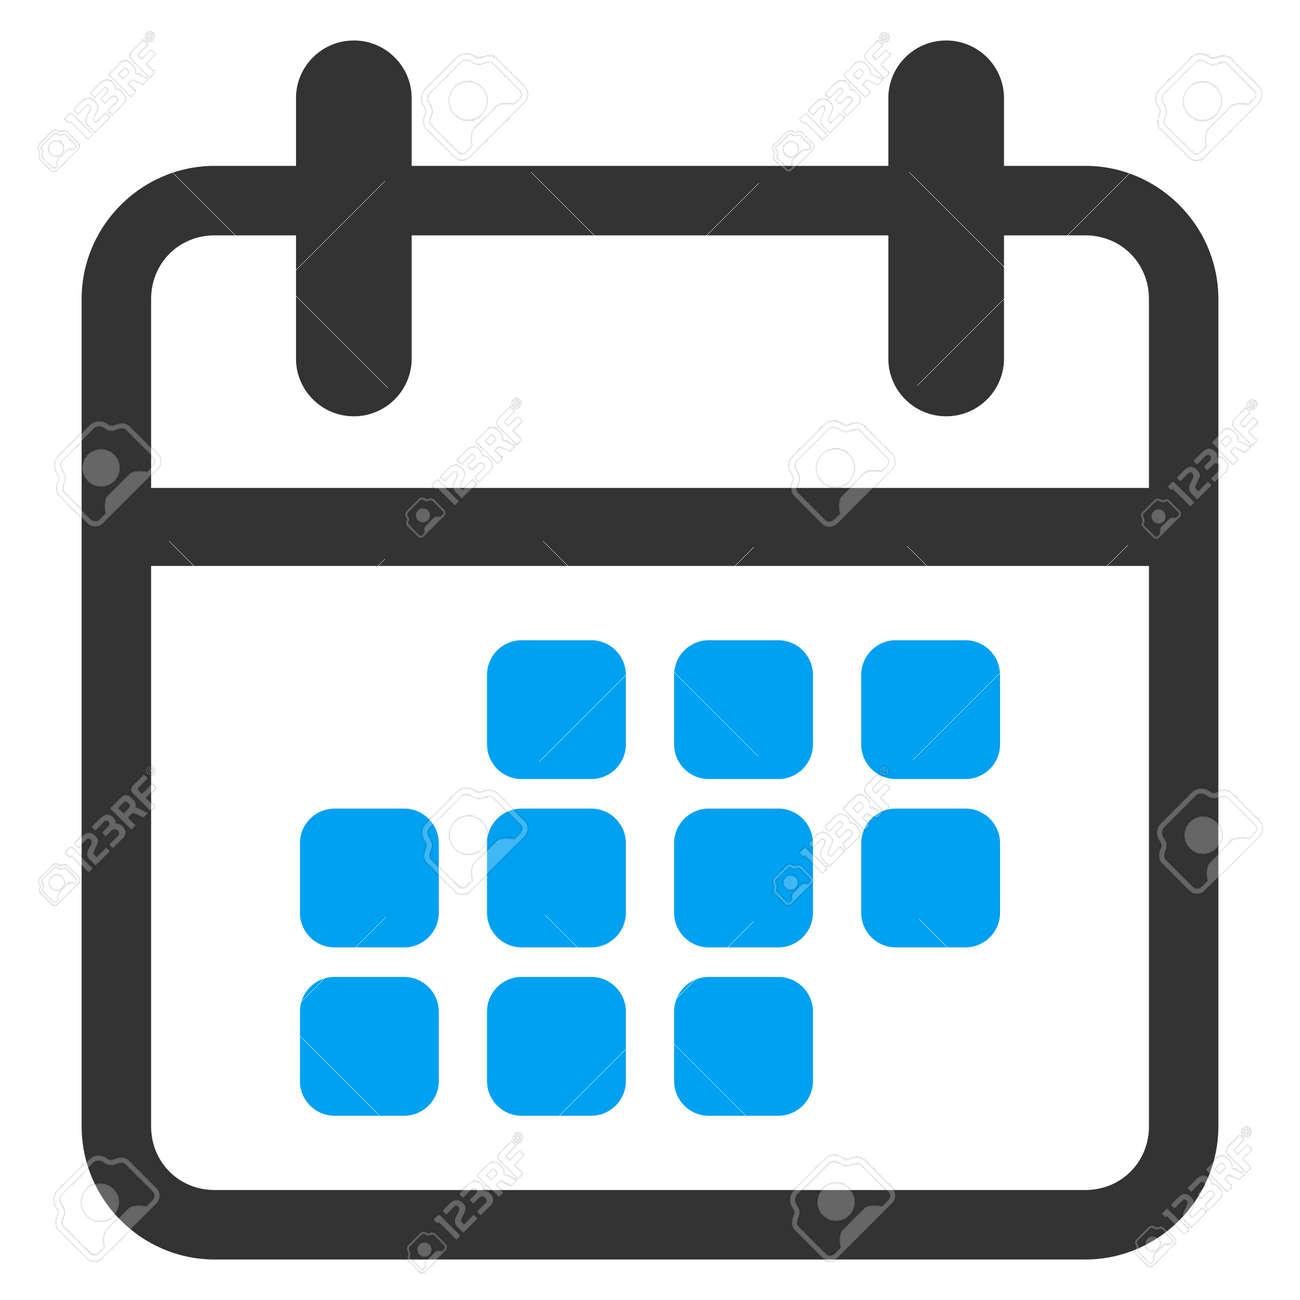 Simbolo De Calendario.Icona Del Calendario Mese Glifo Lo Stile E Simbolo Piatta Bicolore Colori Blu E Grigio Angoli Arrotondati Sfondo Bianco